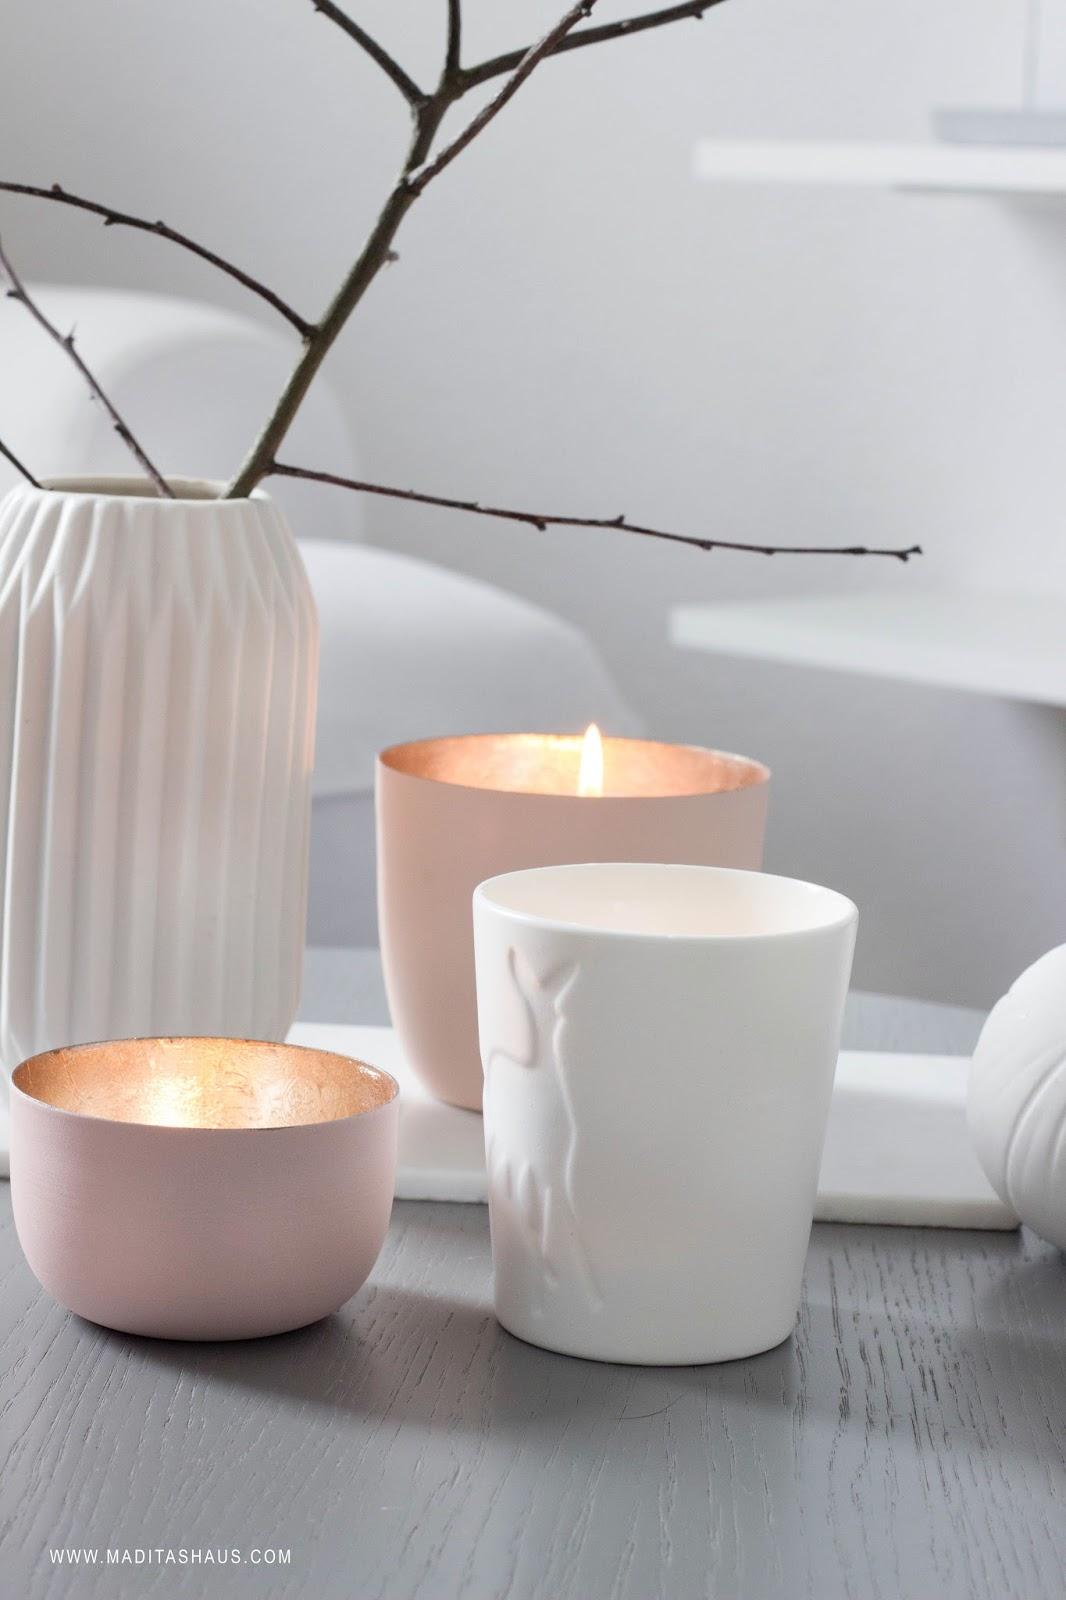 3 herbstliche dekoideen f r den tisch maditas haus lifestyle und interior blog. Black Bedroom Furniture Sets. Home Design Ideas